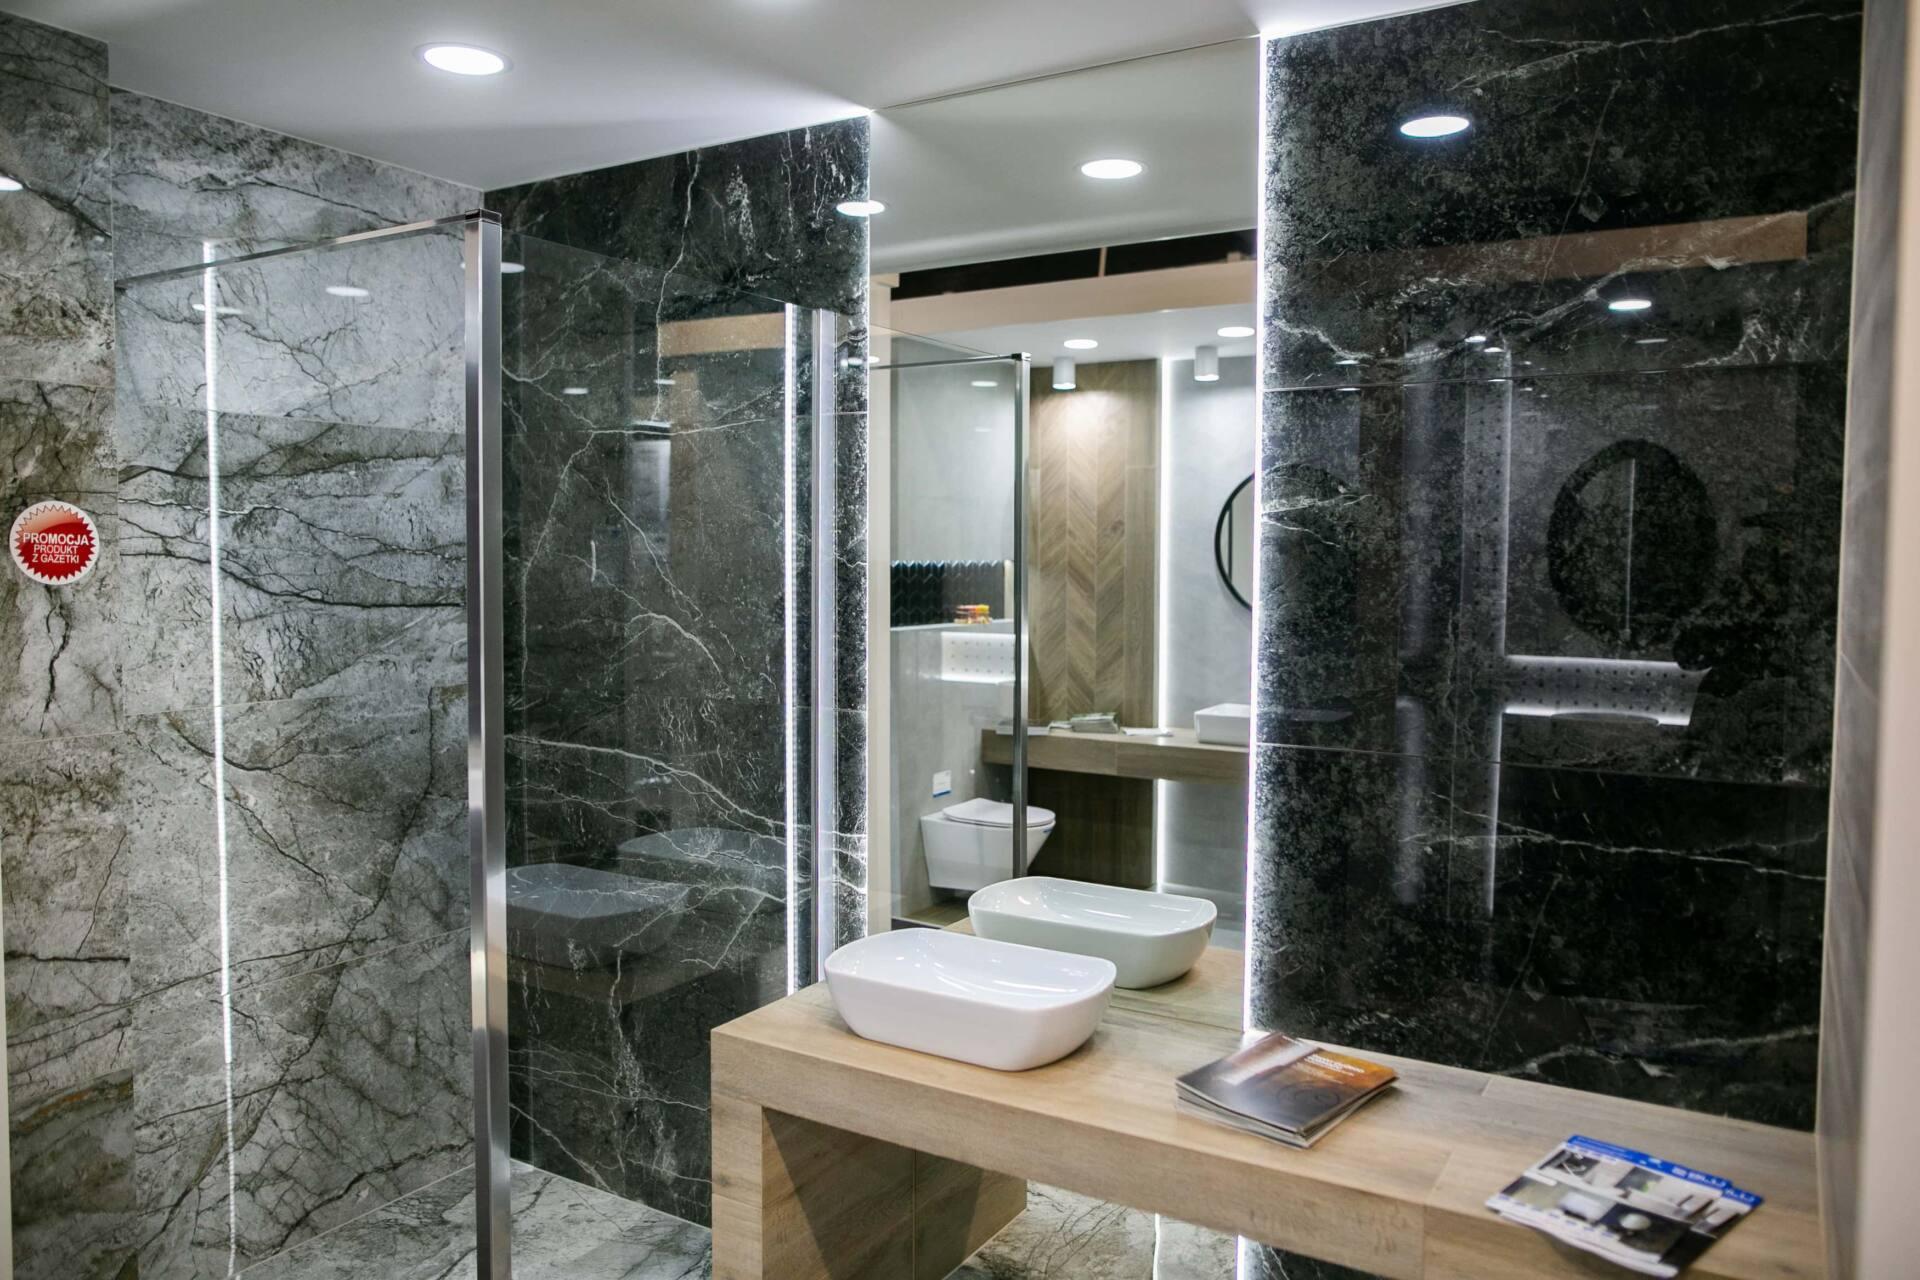 5db 5587 Salon BLU: na ponad 500 m2., 36 łazienkowych aranżacji i bogata ekspozycja wyposażenia (zdjęcia)